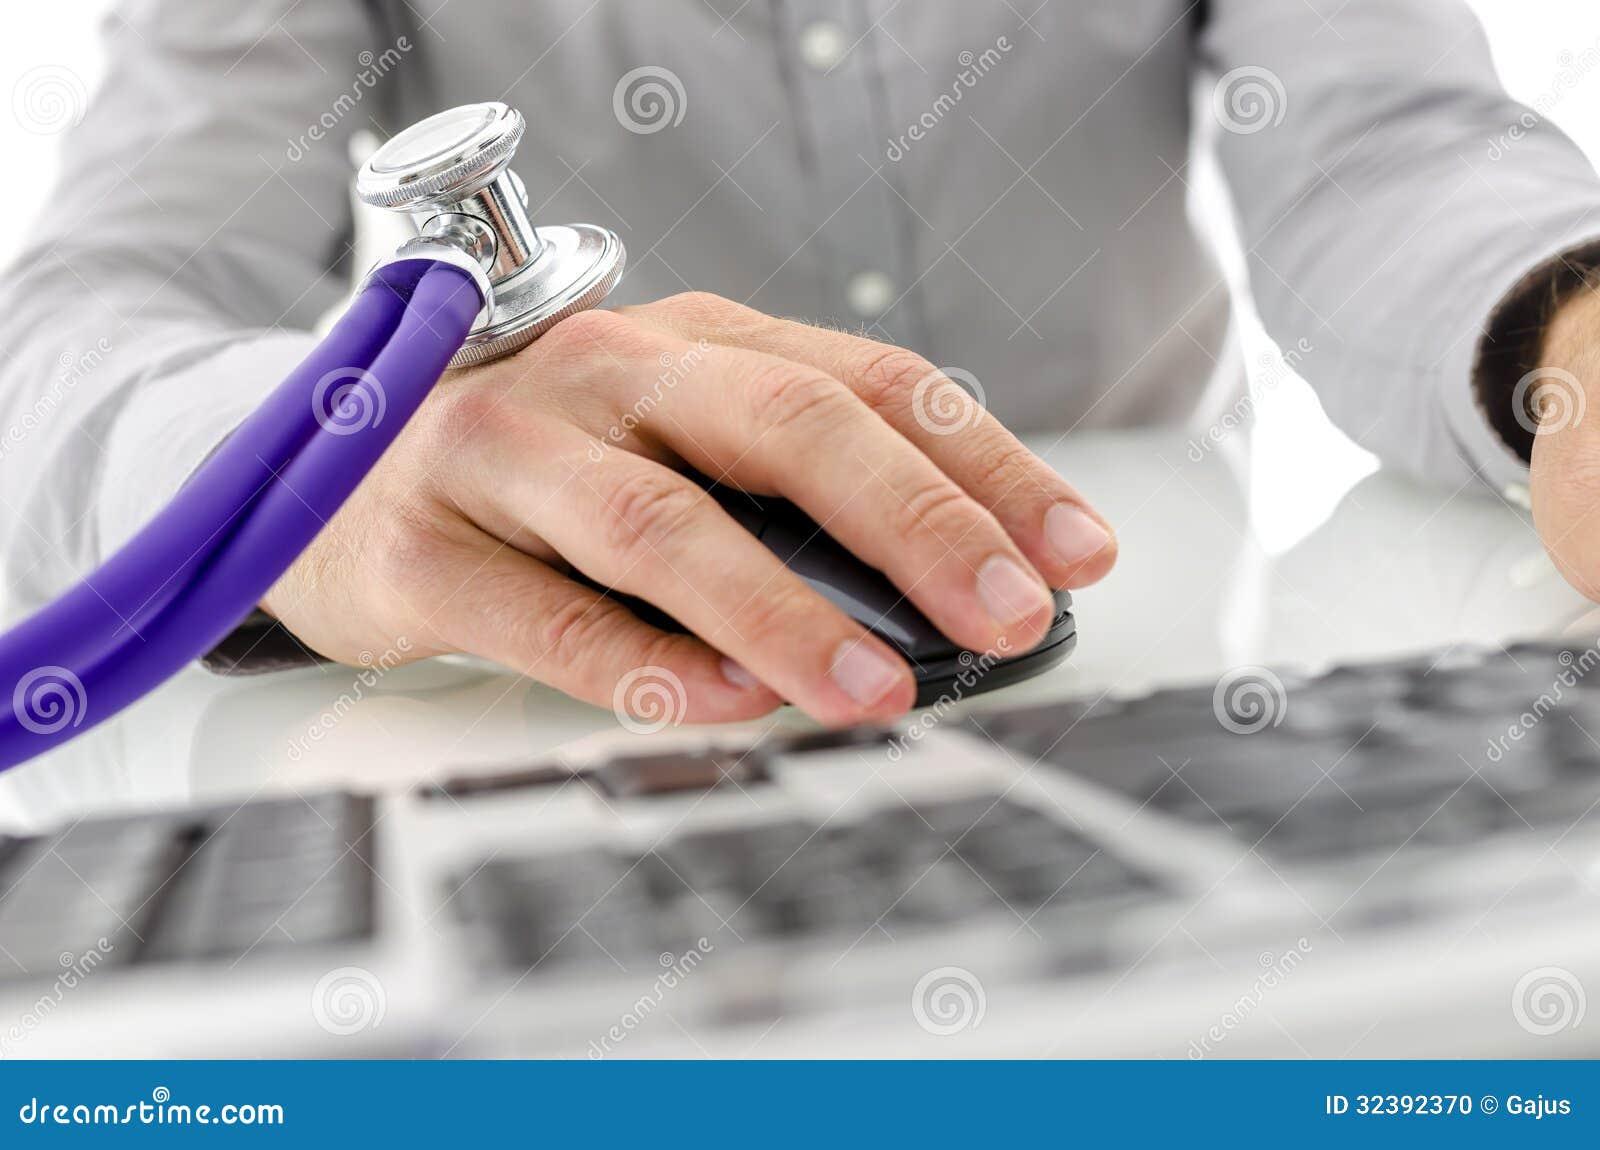 Internet addict